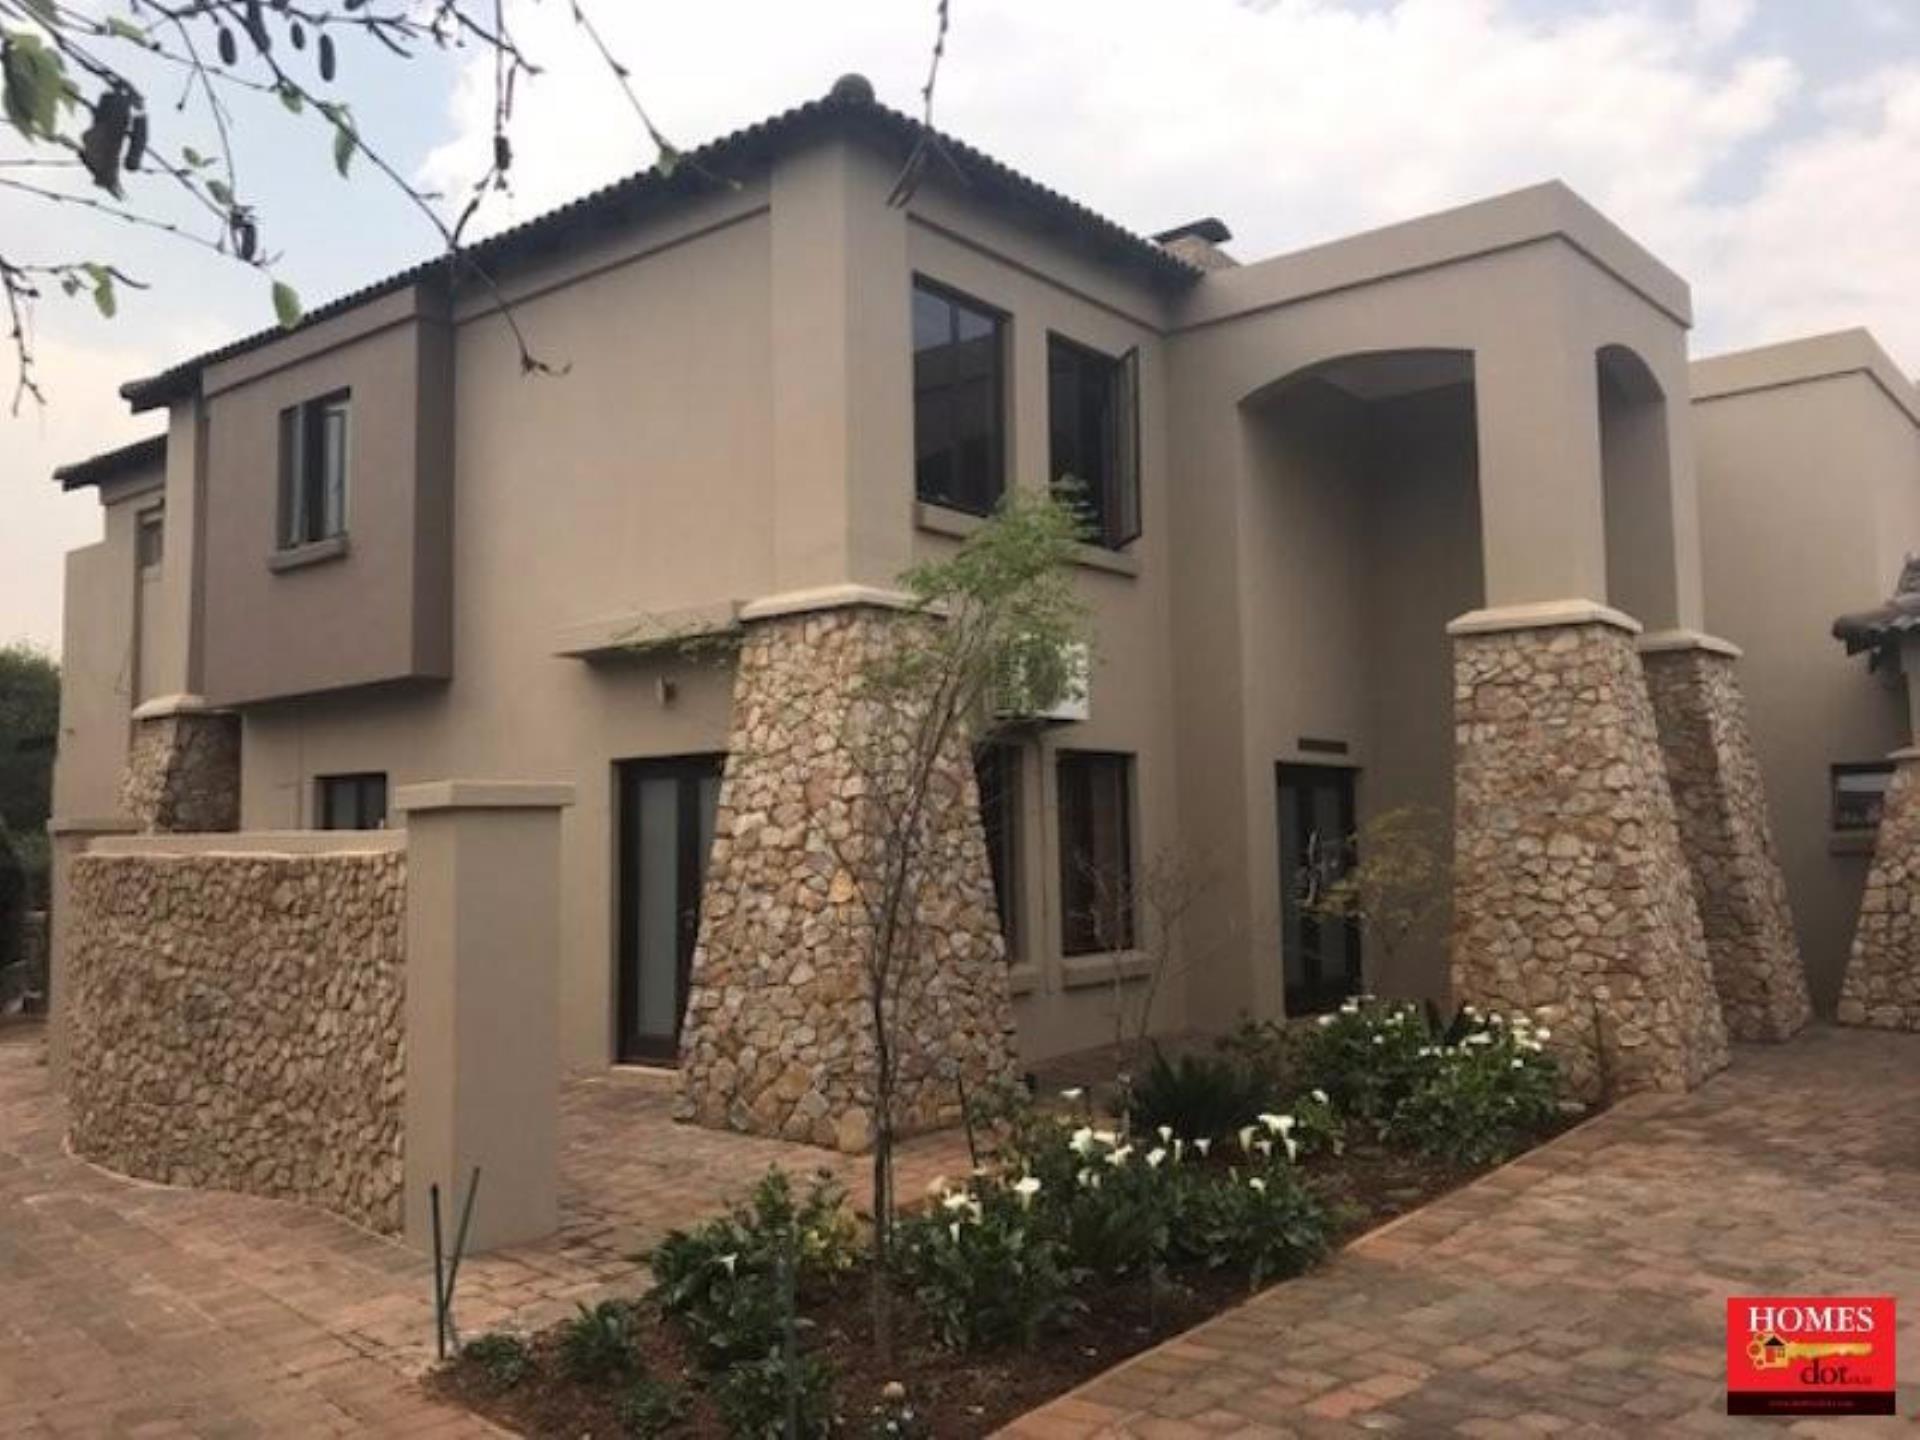 House For Sale In Midstream Estate, Centurion, Gauteng for R